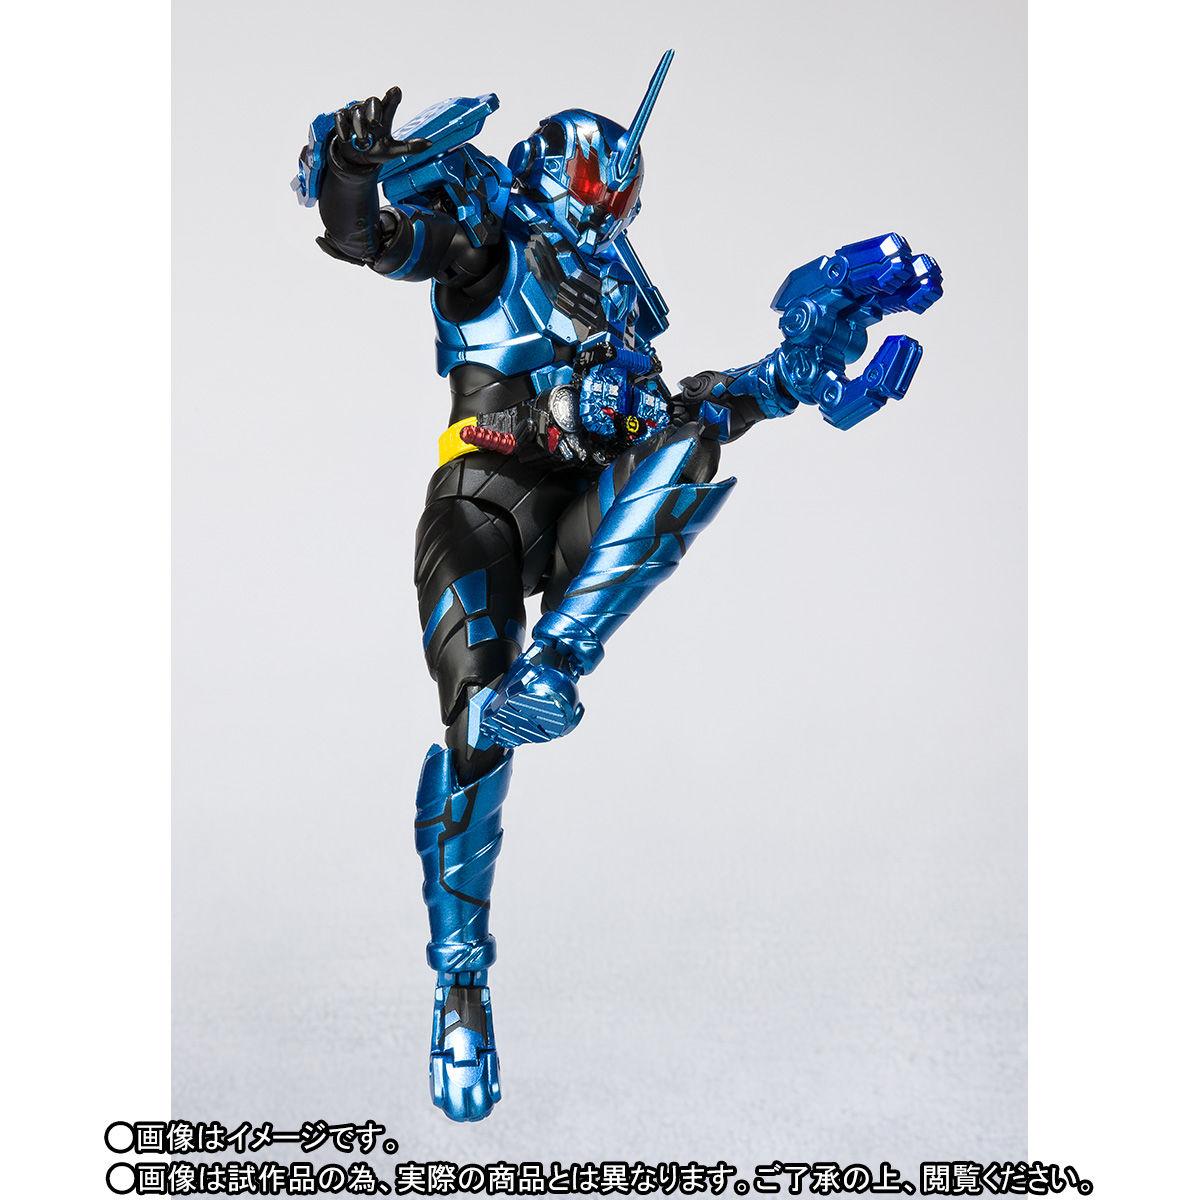 S.H.フィギュアーツ『仮面ライダーグリスブリザード』可動フィギュア-005